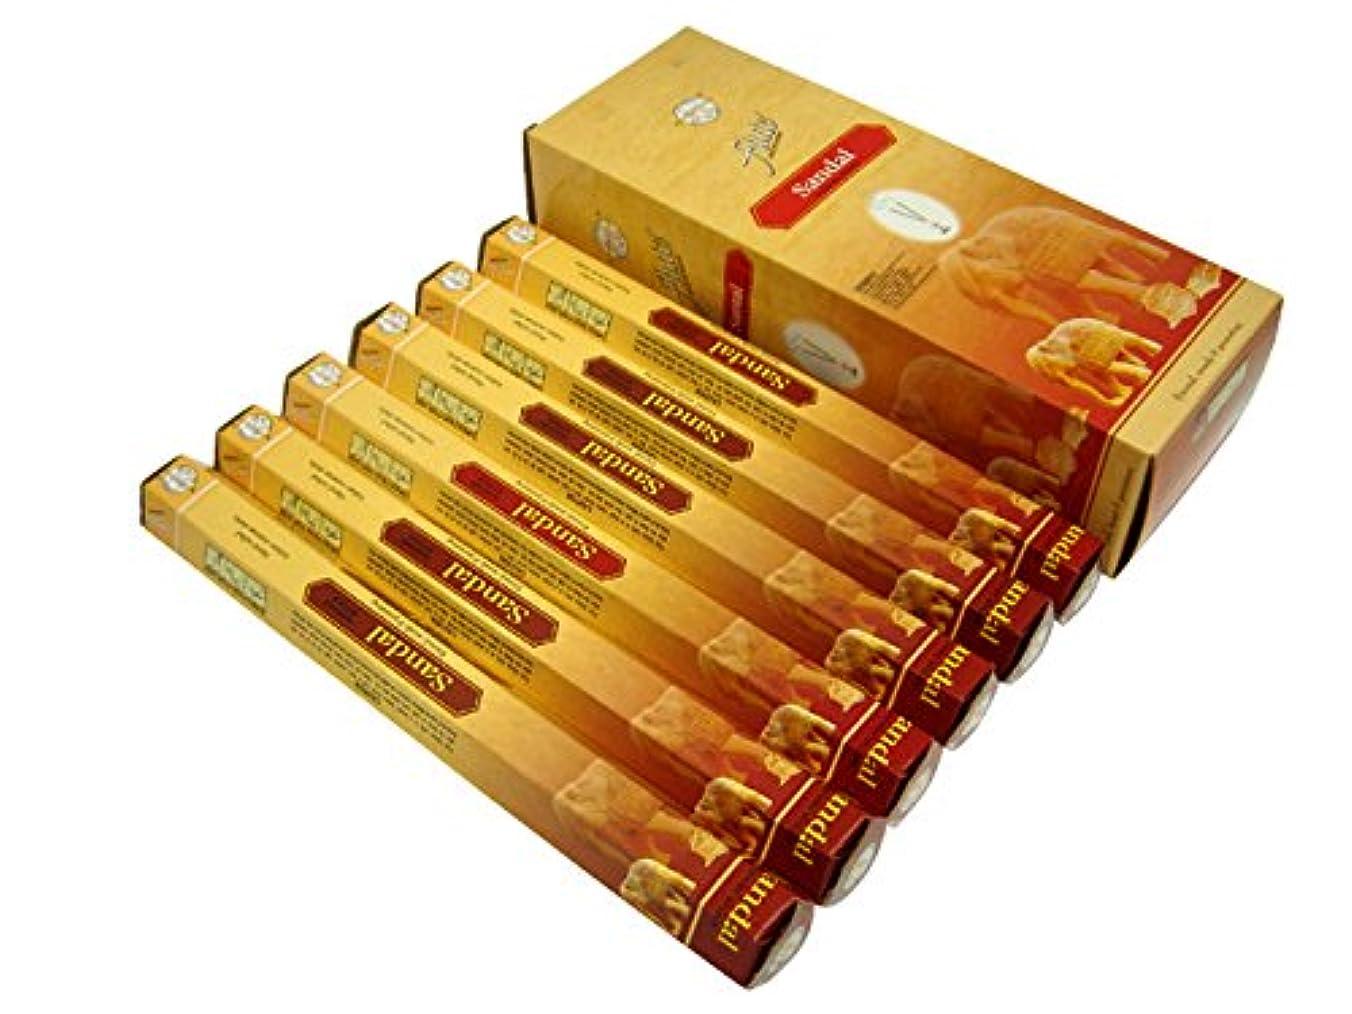 サイバースペース飢饉贈り物FLUTE(フルート) サンダル香 スティック SANDAL 6箱セット